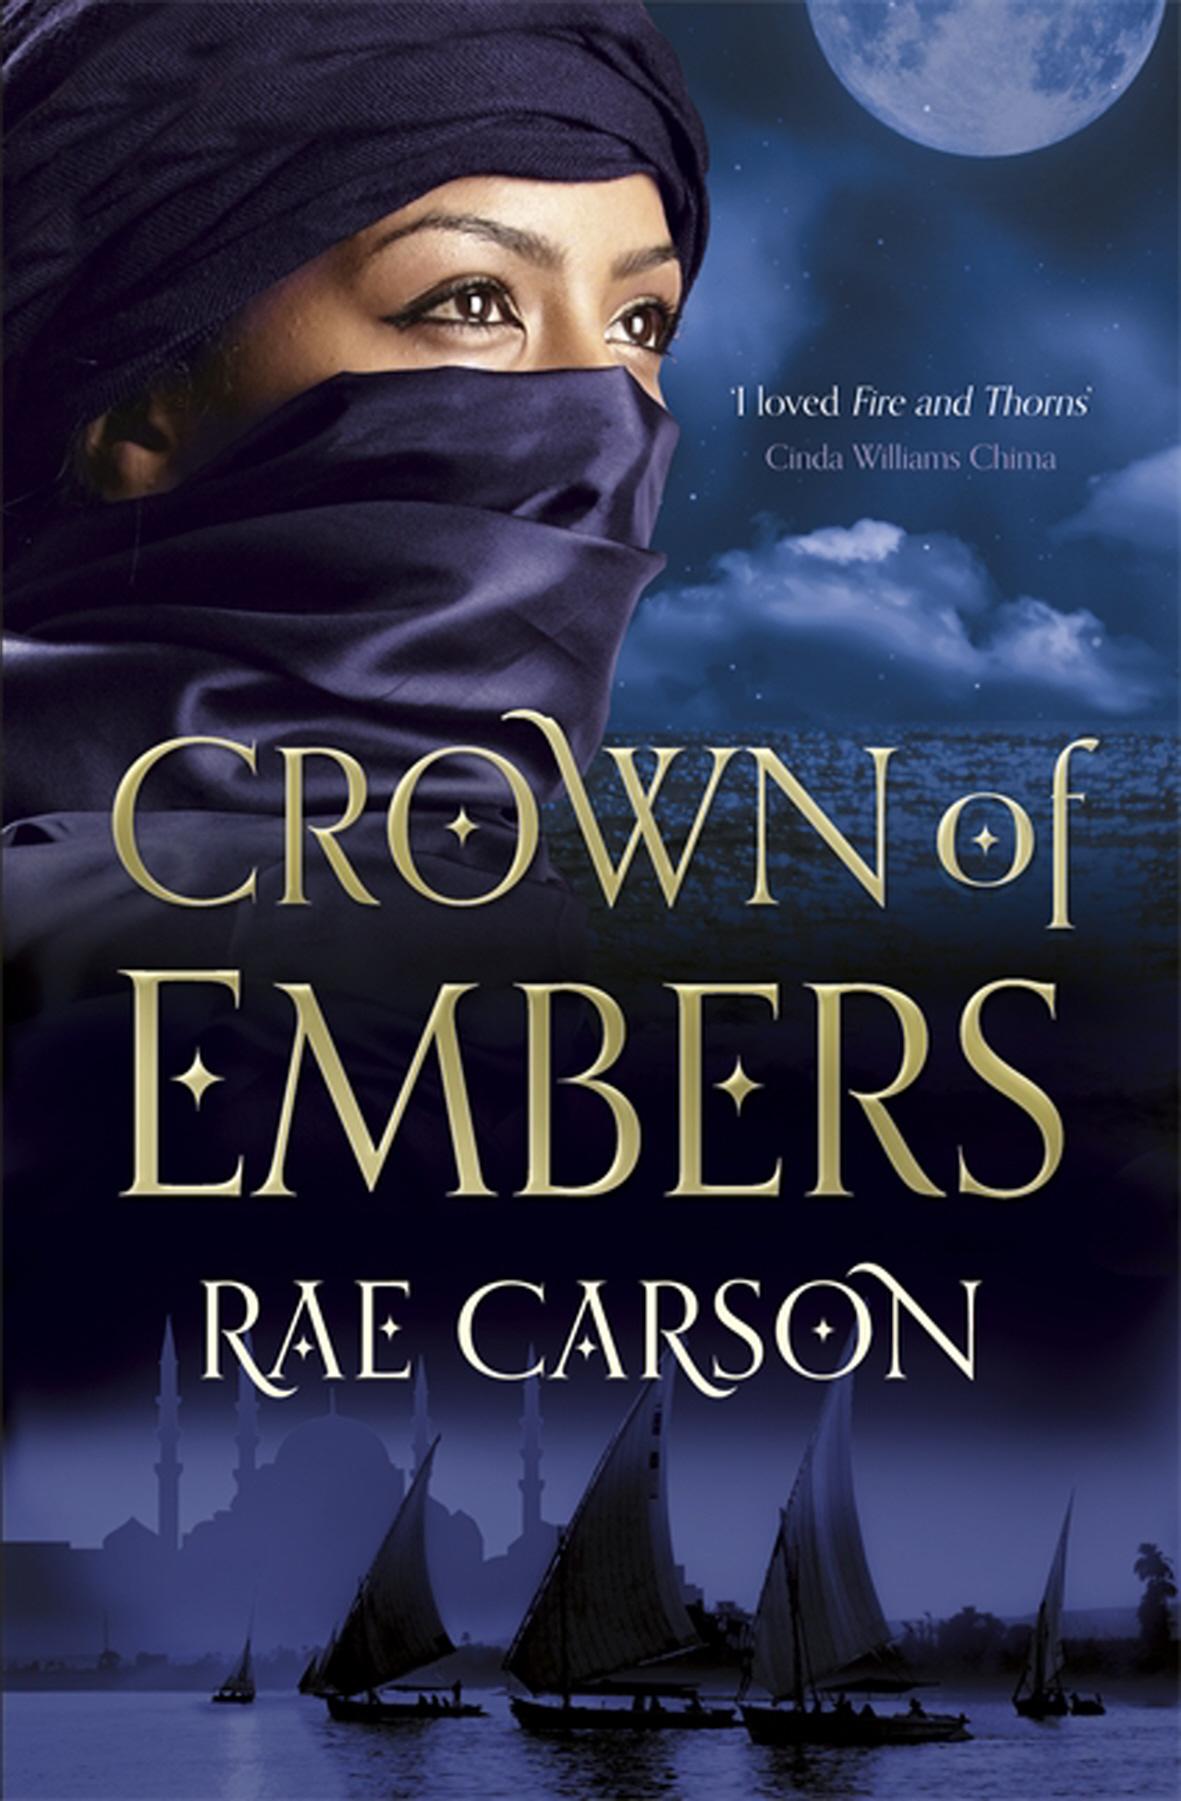 Crown-of-Embers-UK